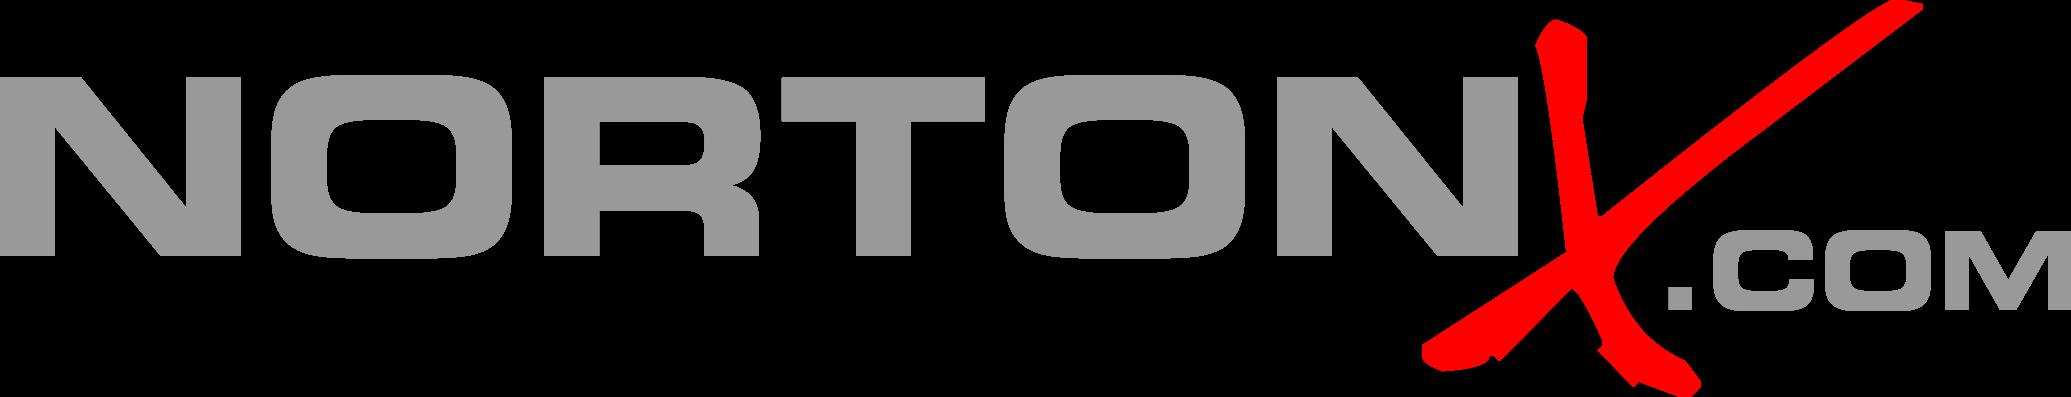 nortonx.com